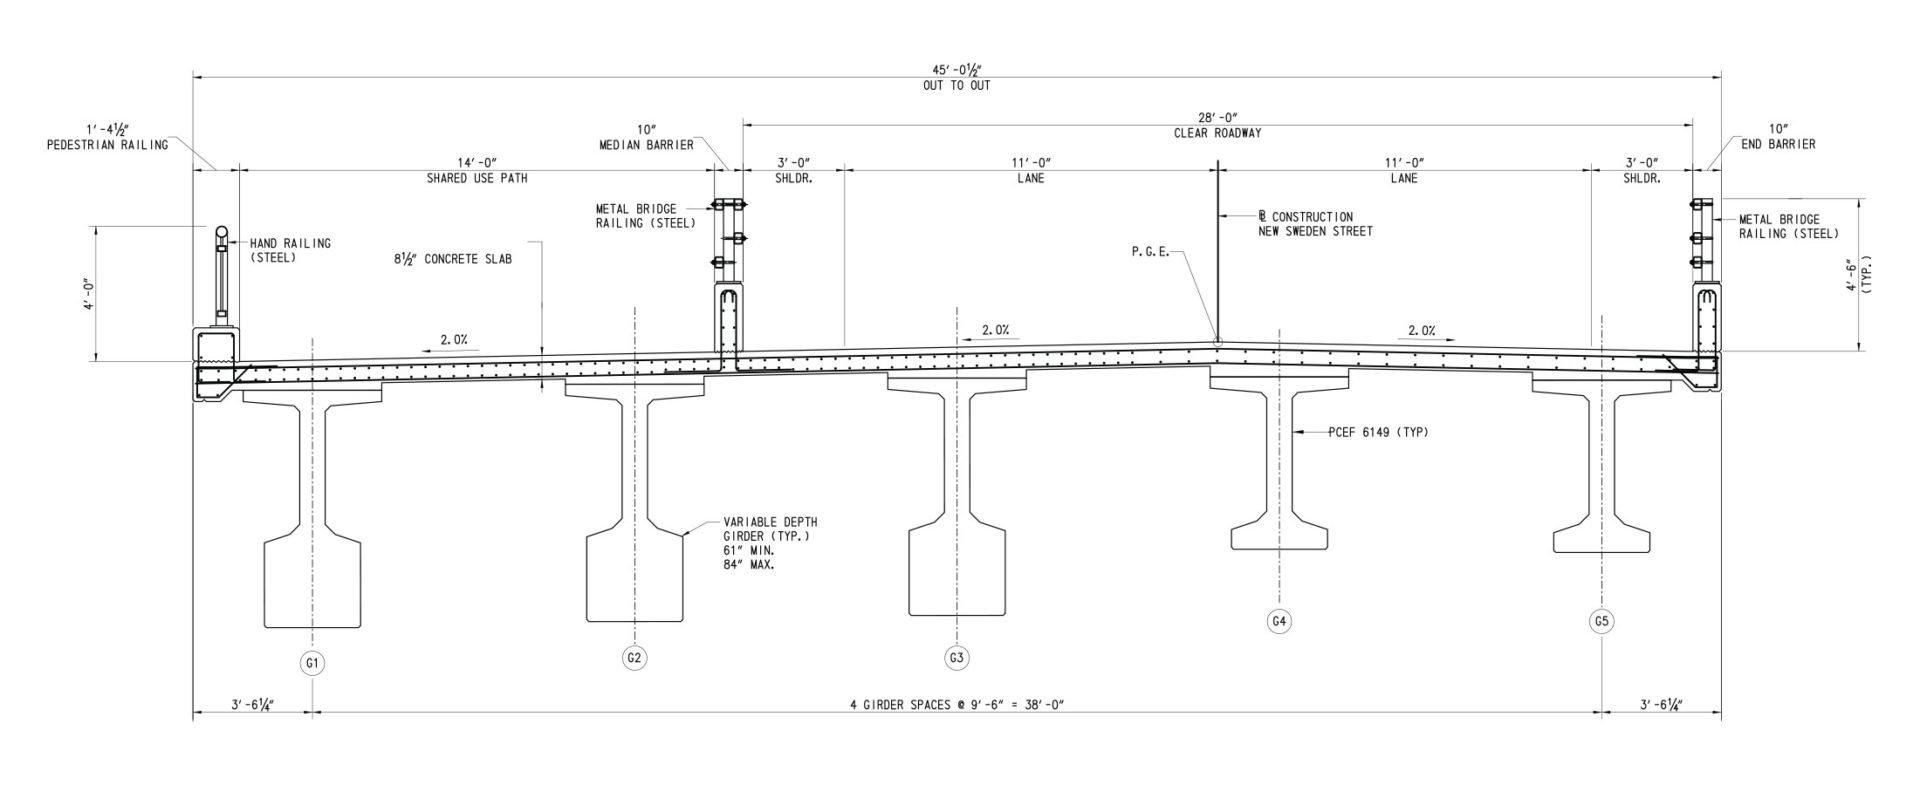 Blueprint of Christina River Bridge at Pier and at Midspan and Abutments